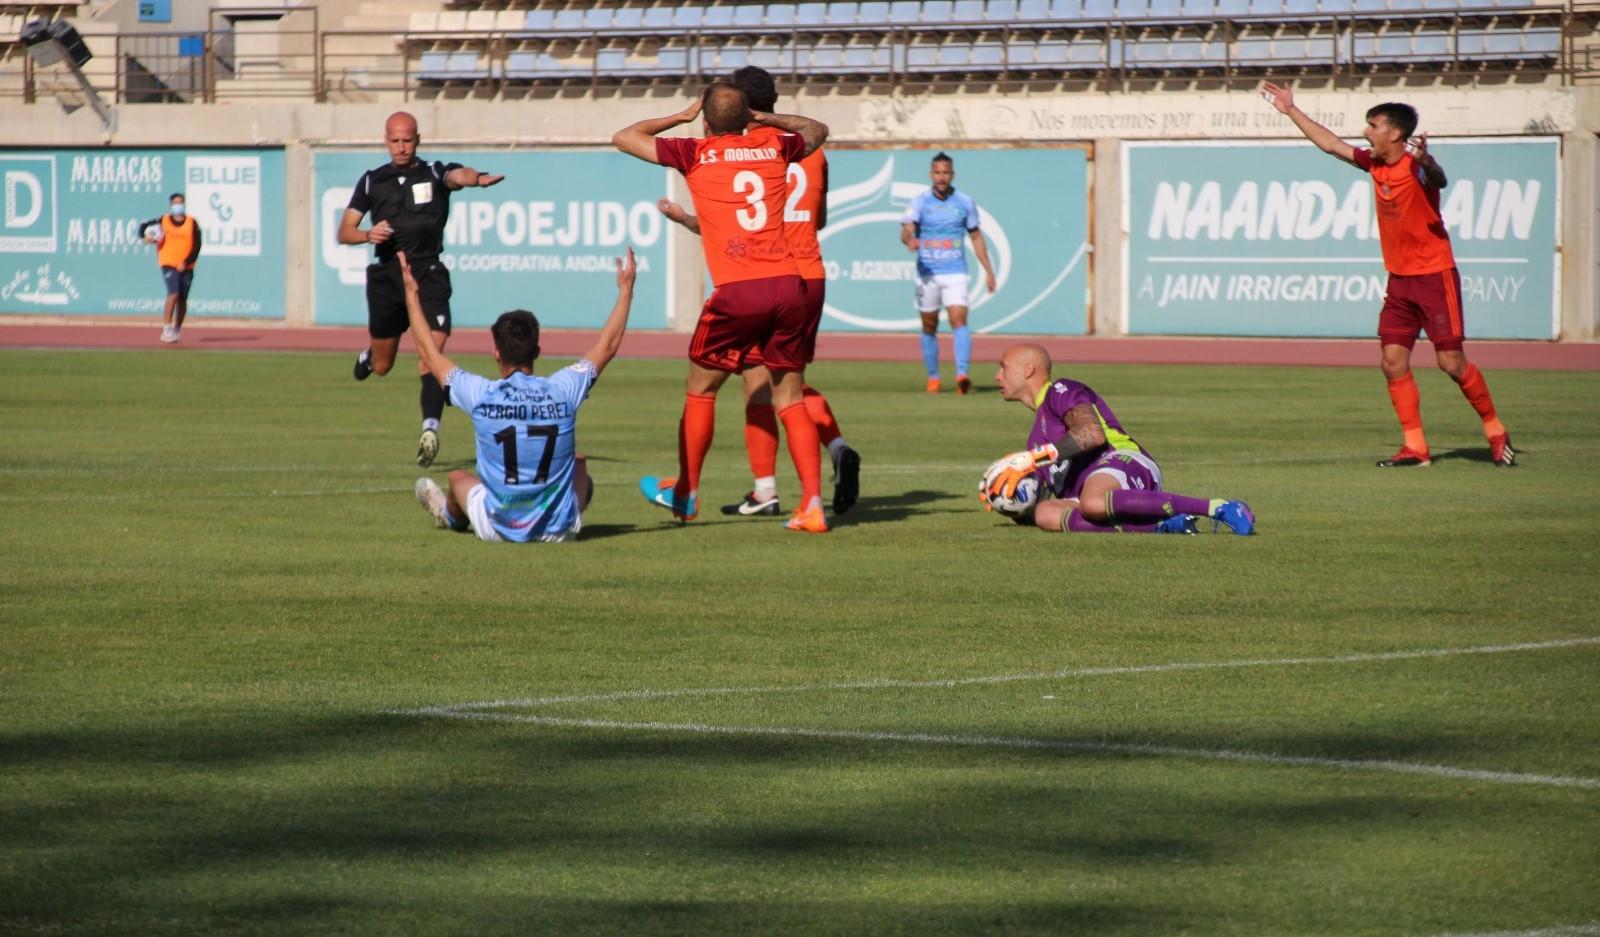 CD El Ejido 2012 vs Recreativo de Huelva 1